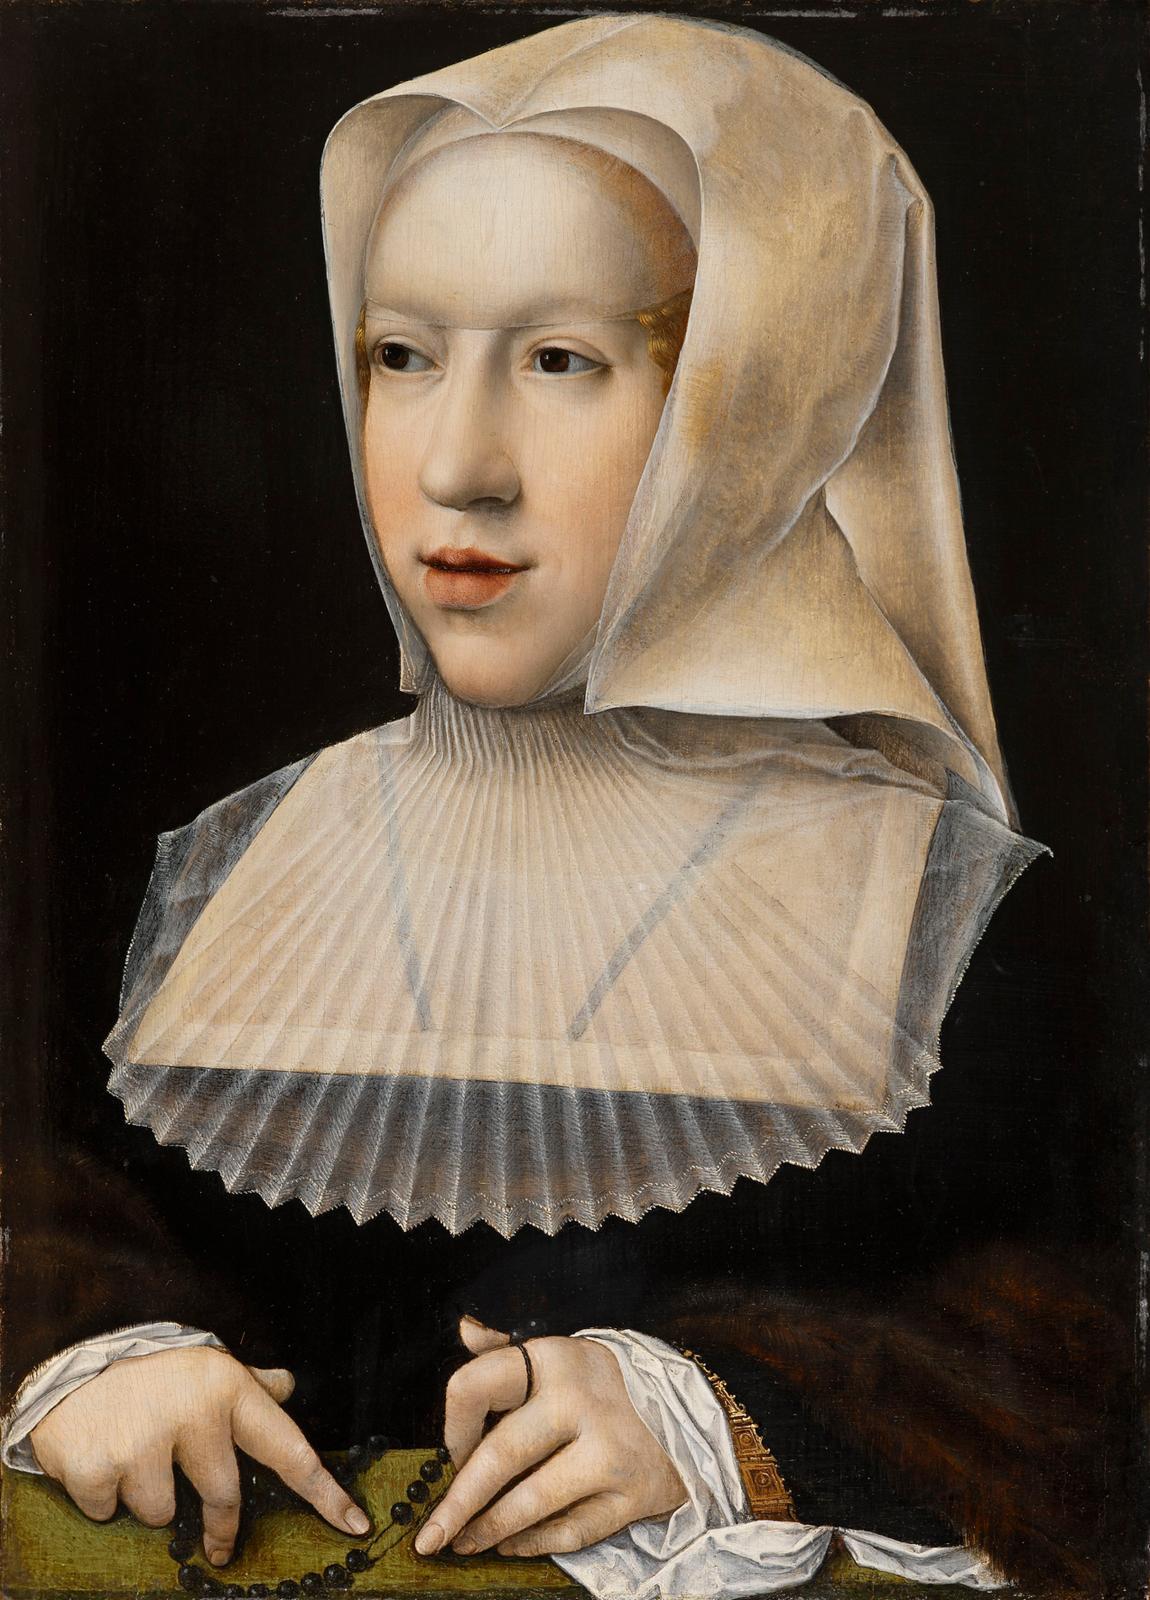 Bernard VanOrley (1488-1541), Portrait de Marguerite d'Autriche, après 1518, huile sur bois, Bourg-en-Bresse, musée du Monastère royal de Brou.